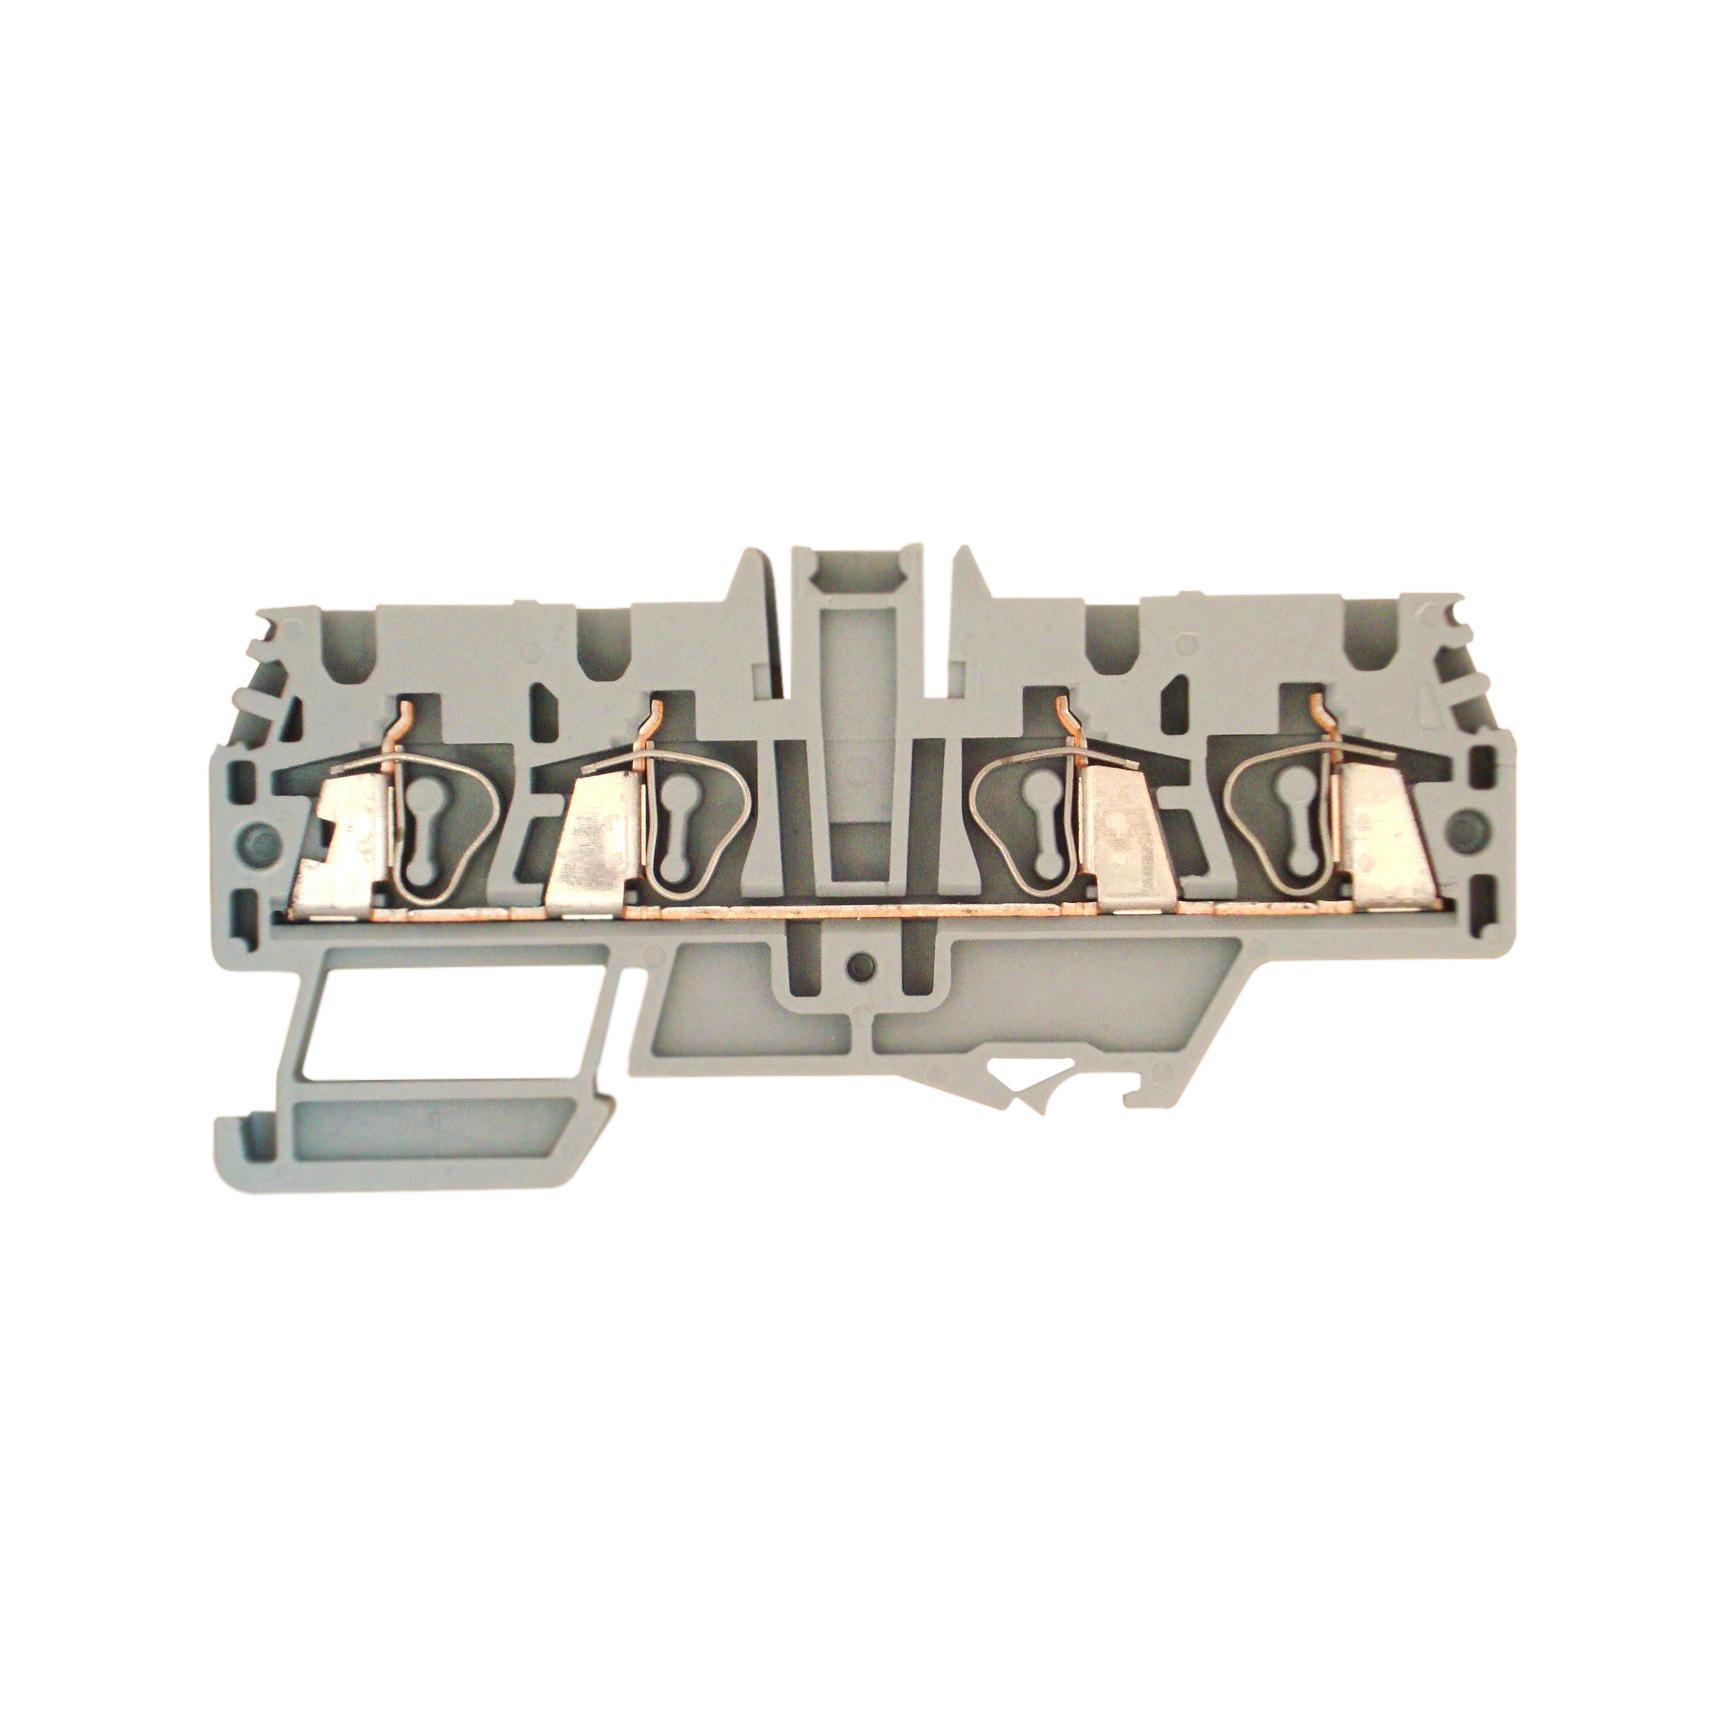 1 Stk Doppel-Federkraftklemme HMM.2/2+2 grau, 2,5mm² IK800002-C